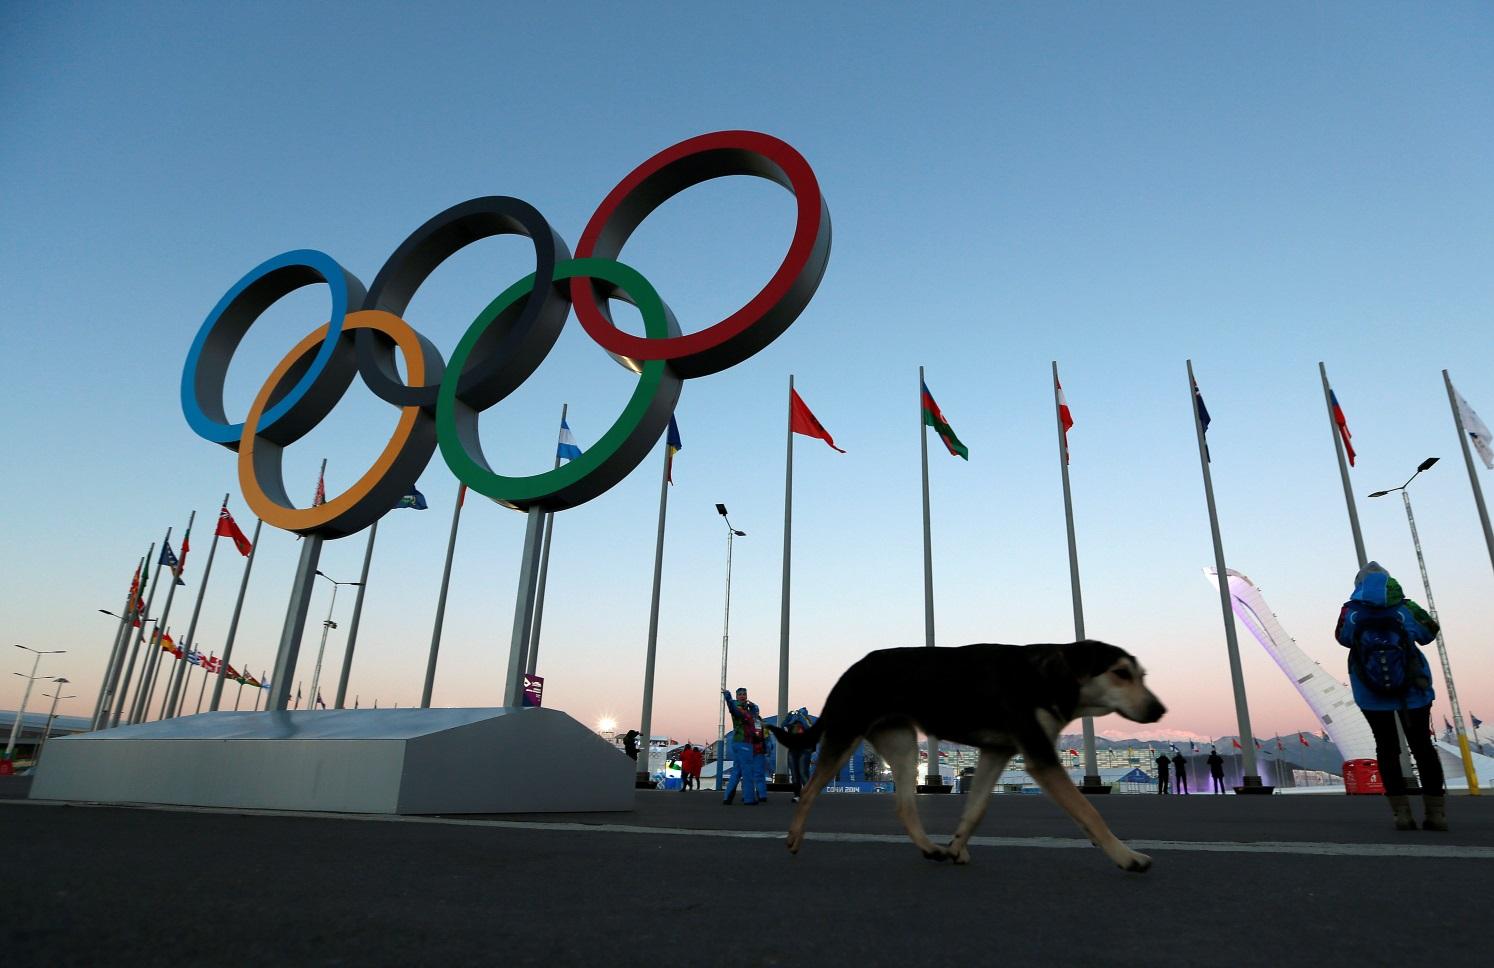 Рисунок 1. Большой резонанс в обществе вызвал отлов собак в Сочи перед проведением Олимпиады в 2014 году